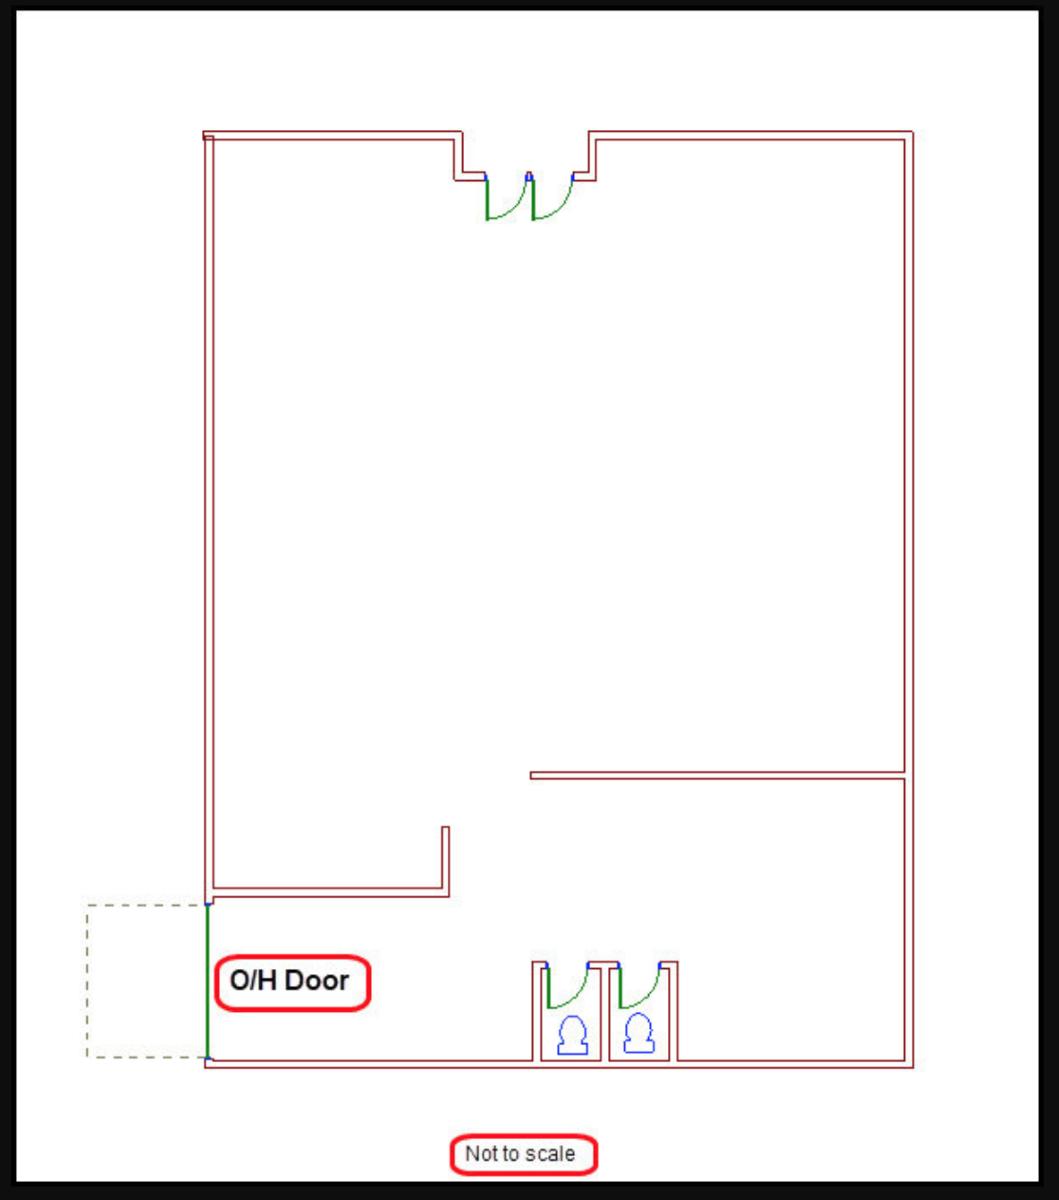 Floor Plan-GW